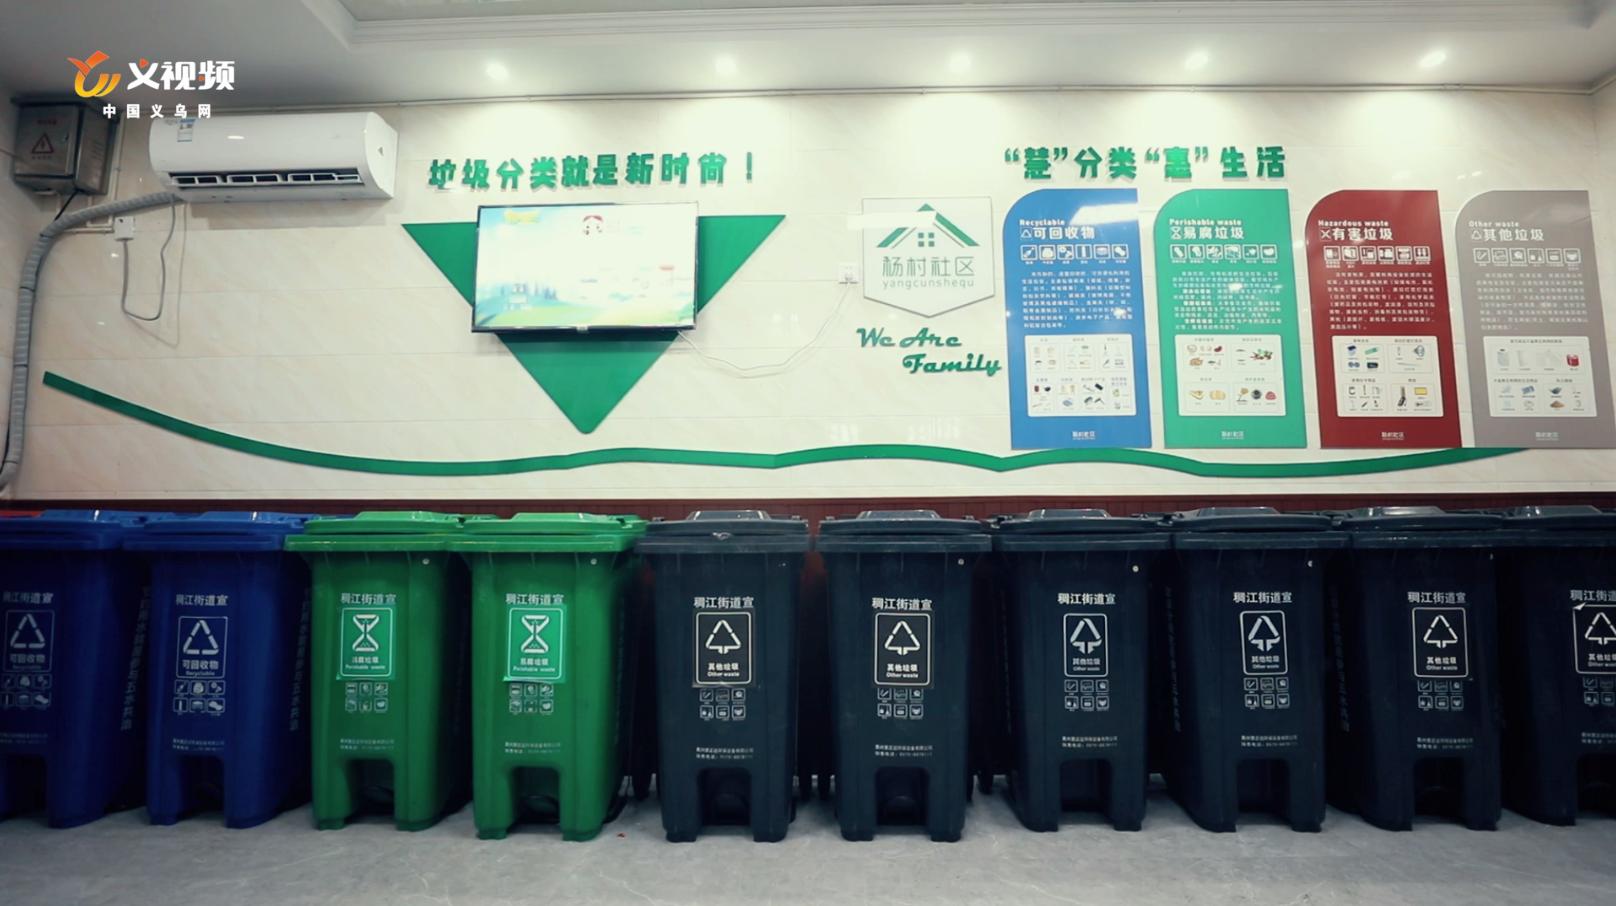 垃圾分类情景剧②这么干净的垃圾投放点你好意思不分类?整洁完善的杨村